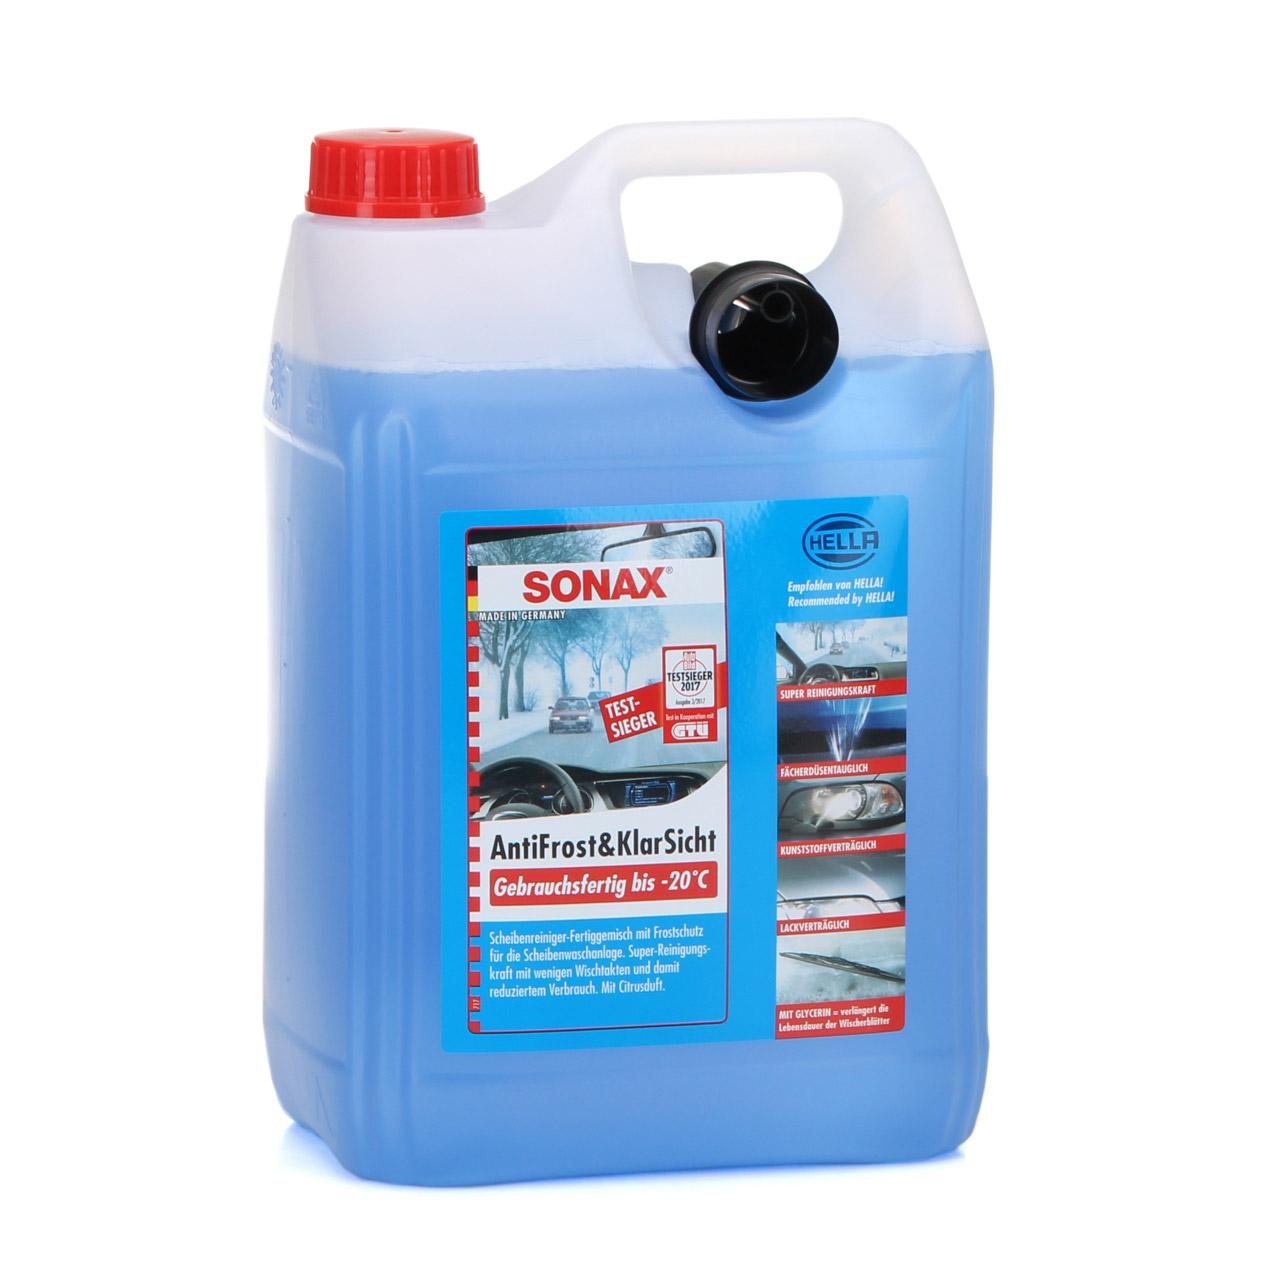 SONAX Frostschutz ANTIFROST & KLARSICHT gebrauchsfertig bis -20°C - 5L 5 Liter